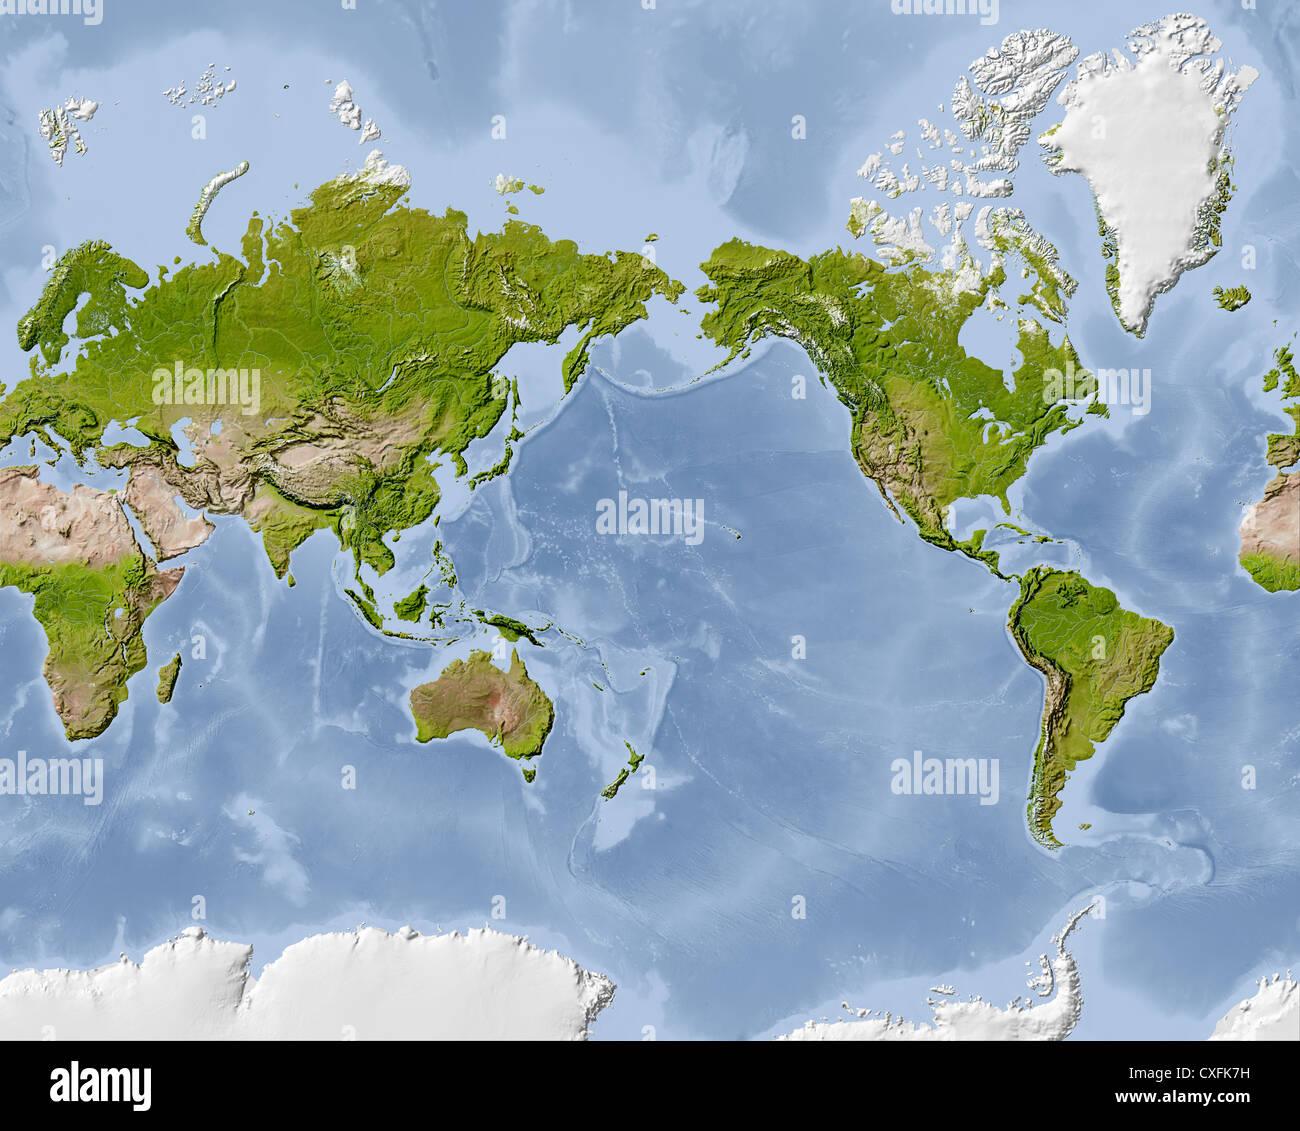 Mapa del mundo, Mapa en relieve sombreado. Centrado en el Pacífico. Imagen De Stock